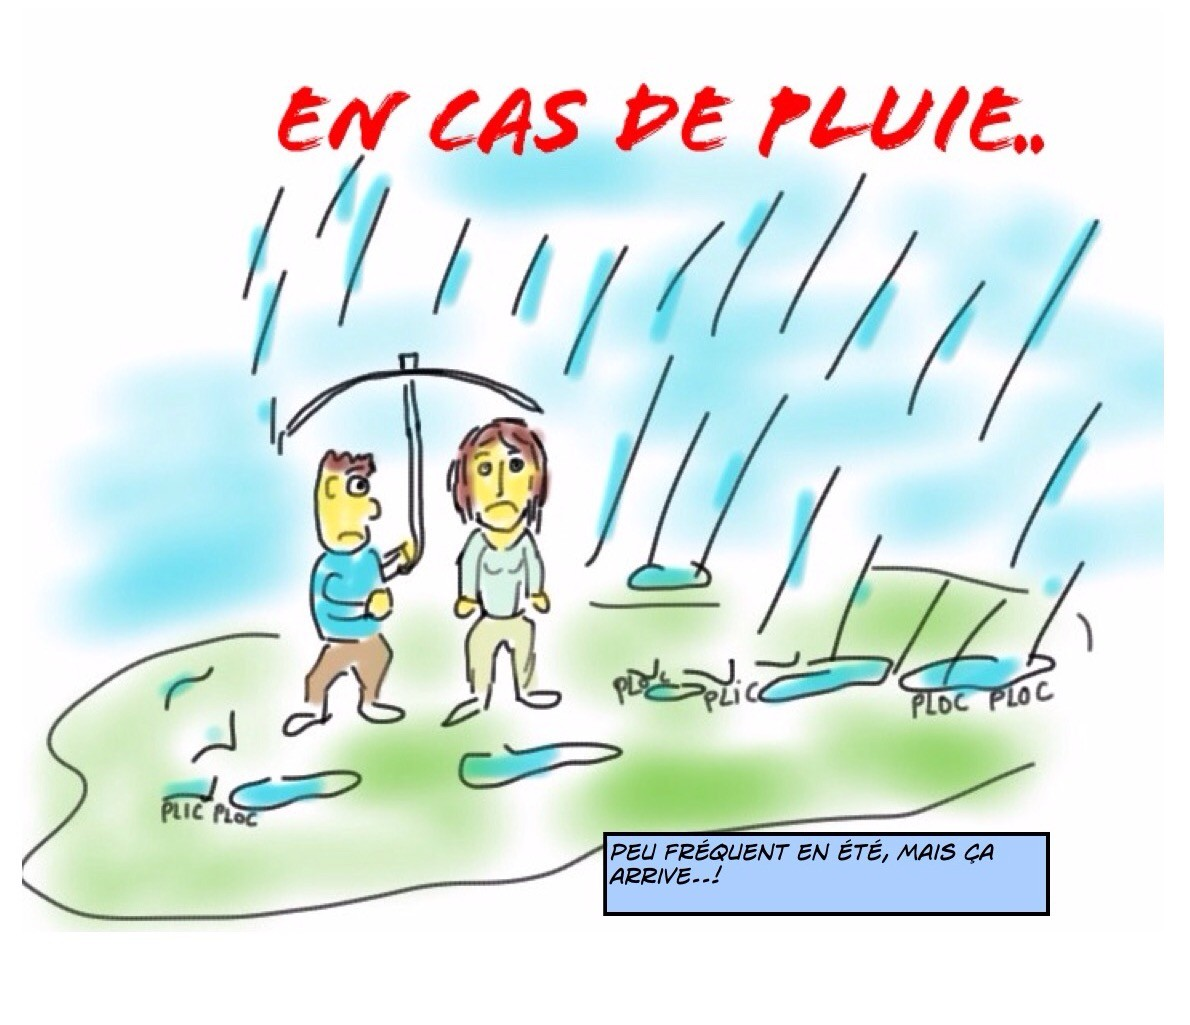 Et s'il pleuvait un peu...